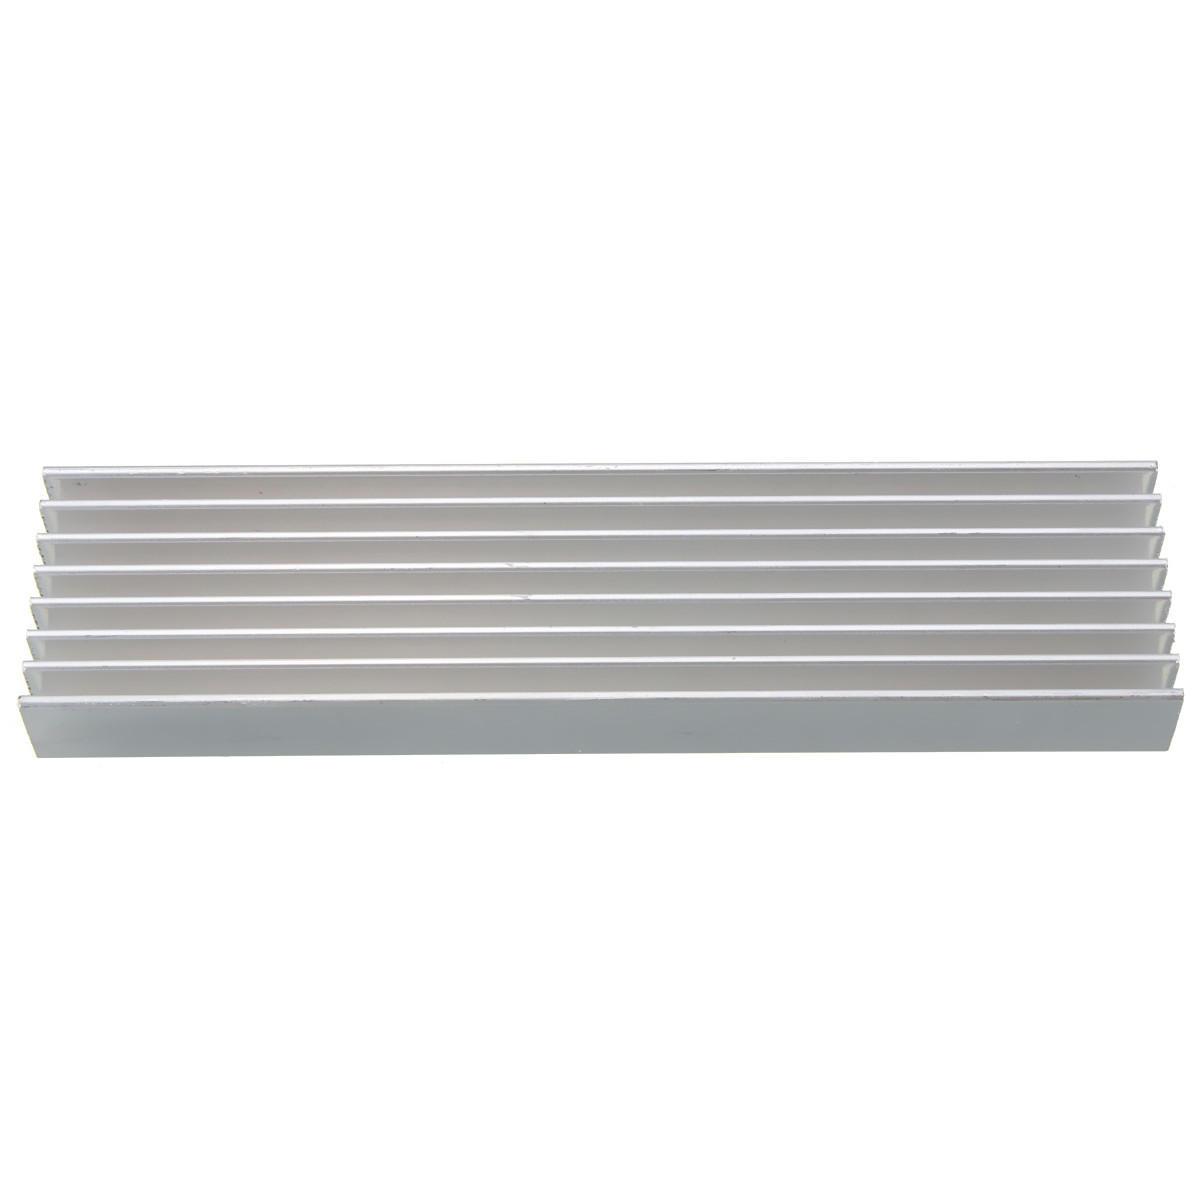 10pcs 100 x 25 x 10mm Aluminum Heat Sink Heatsink